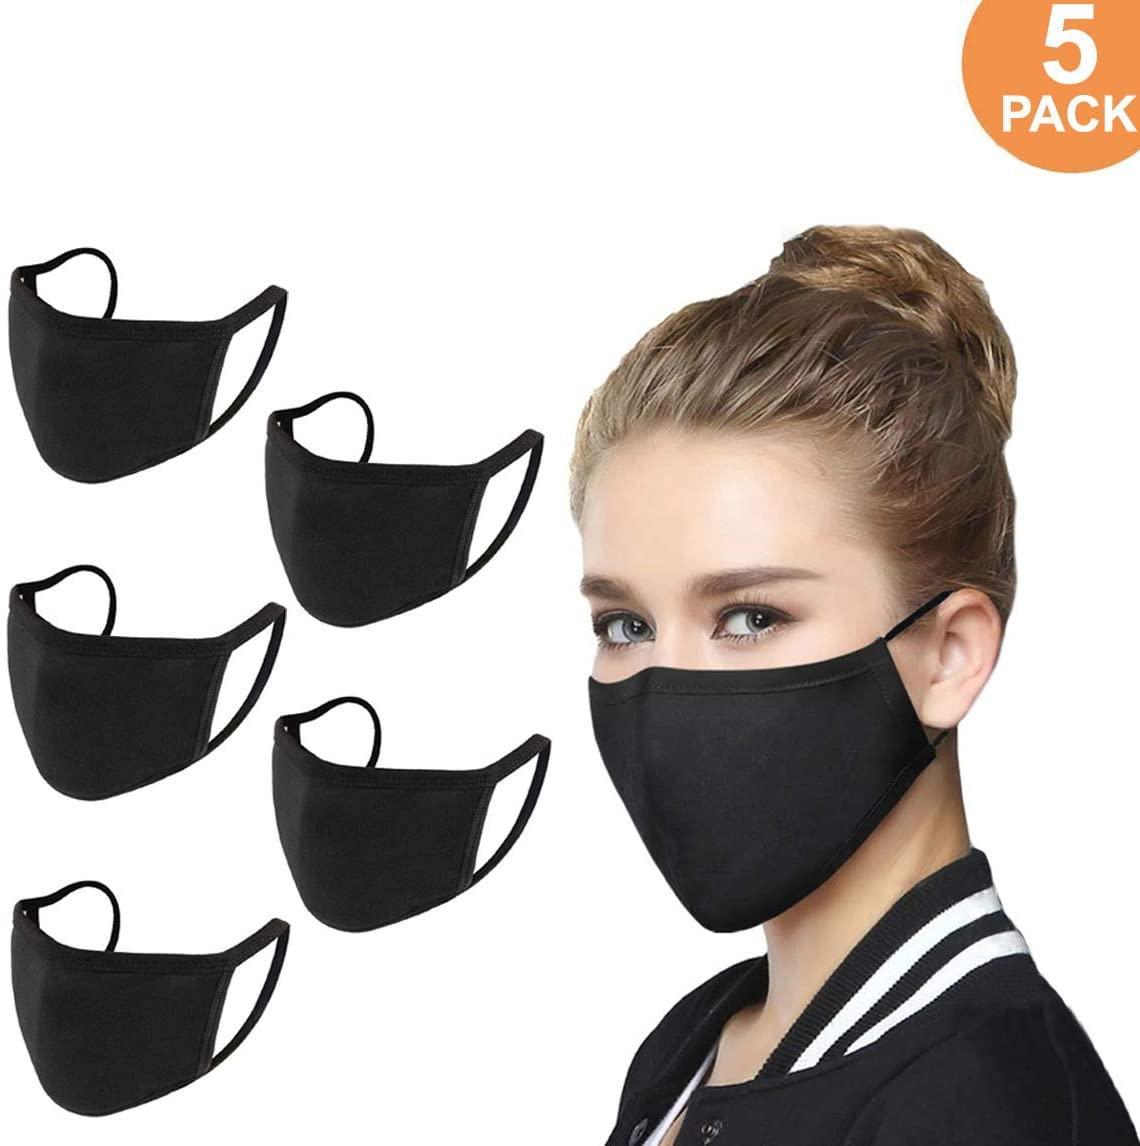 ¡En stock! Mascarilla de algodón unisex Máscara reutilizable lavable divertido cómodo Maske alta calidad